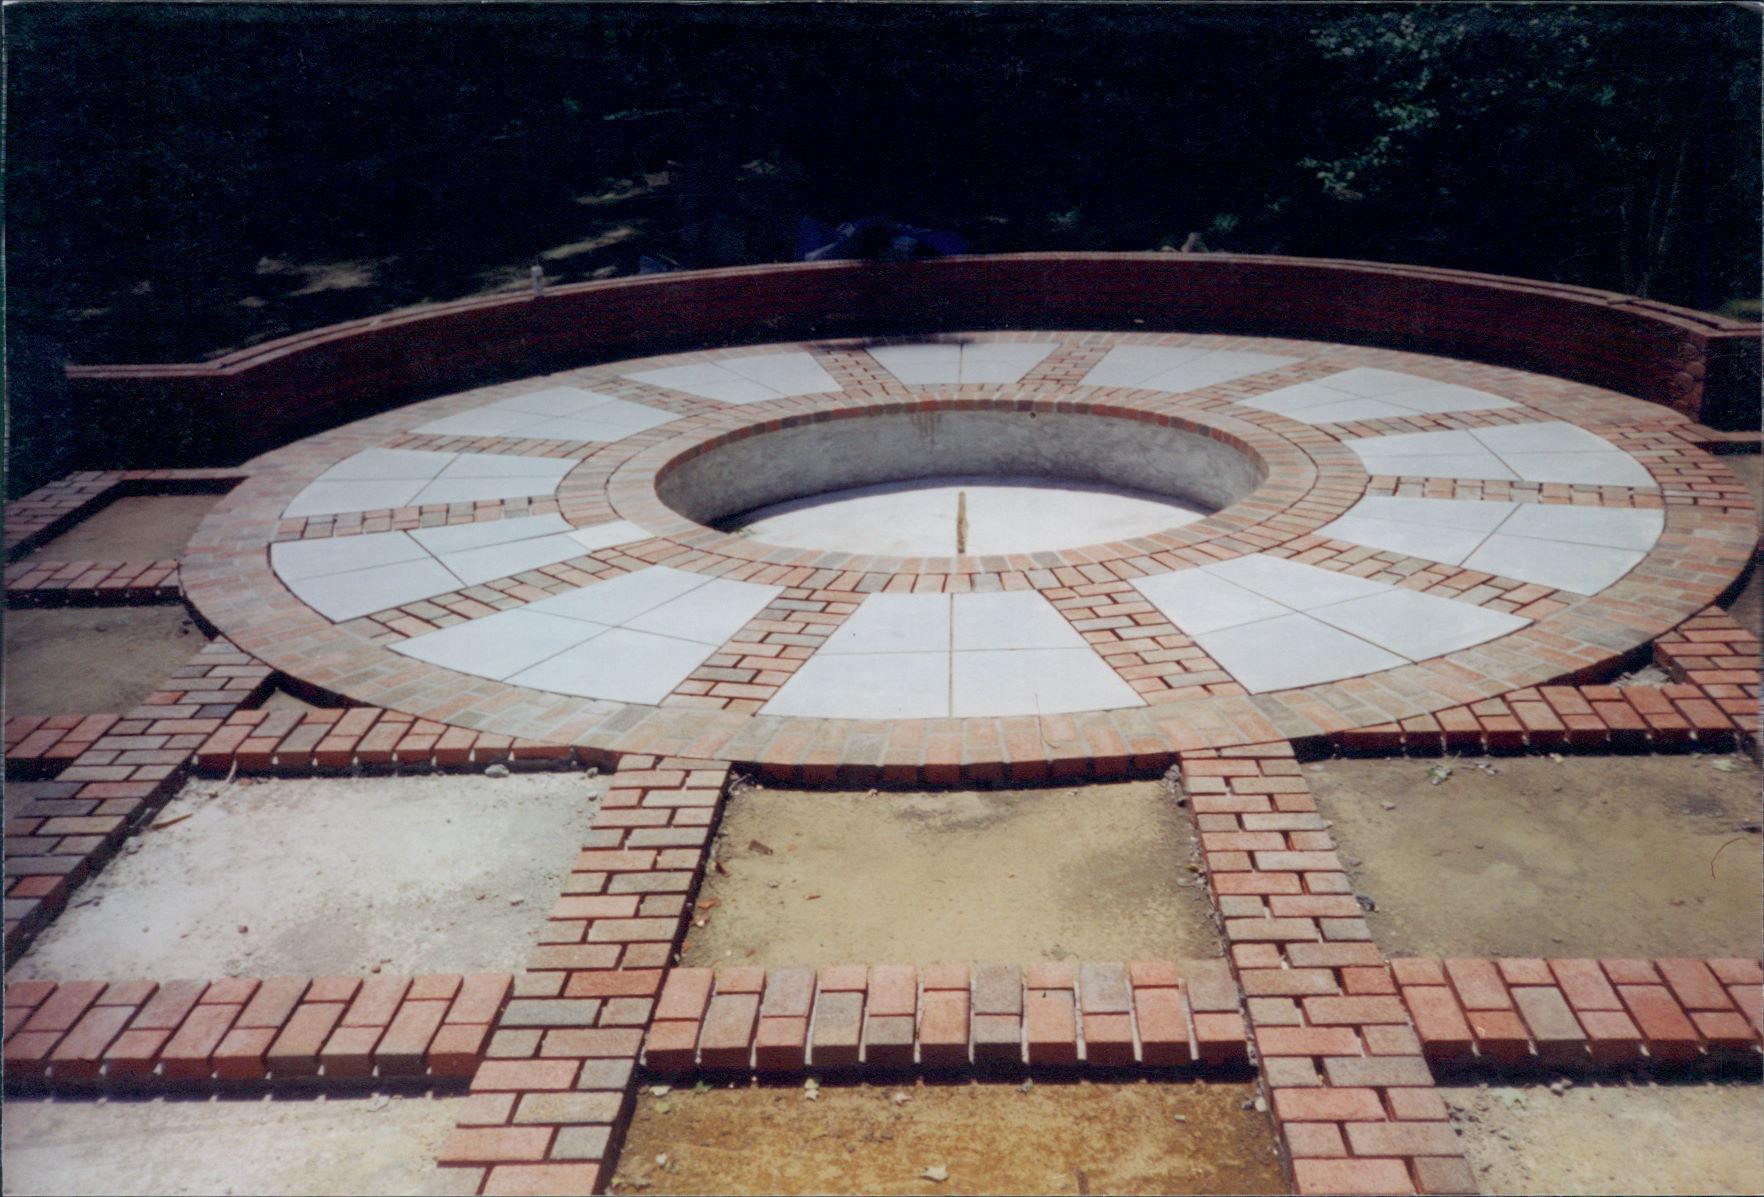 Brick_00002A.jpg